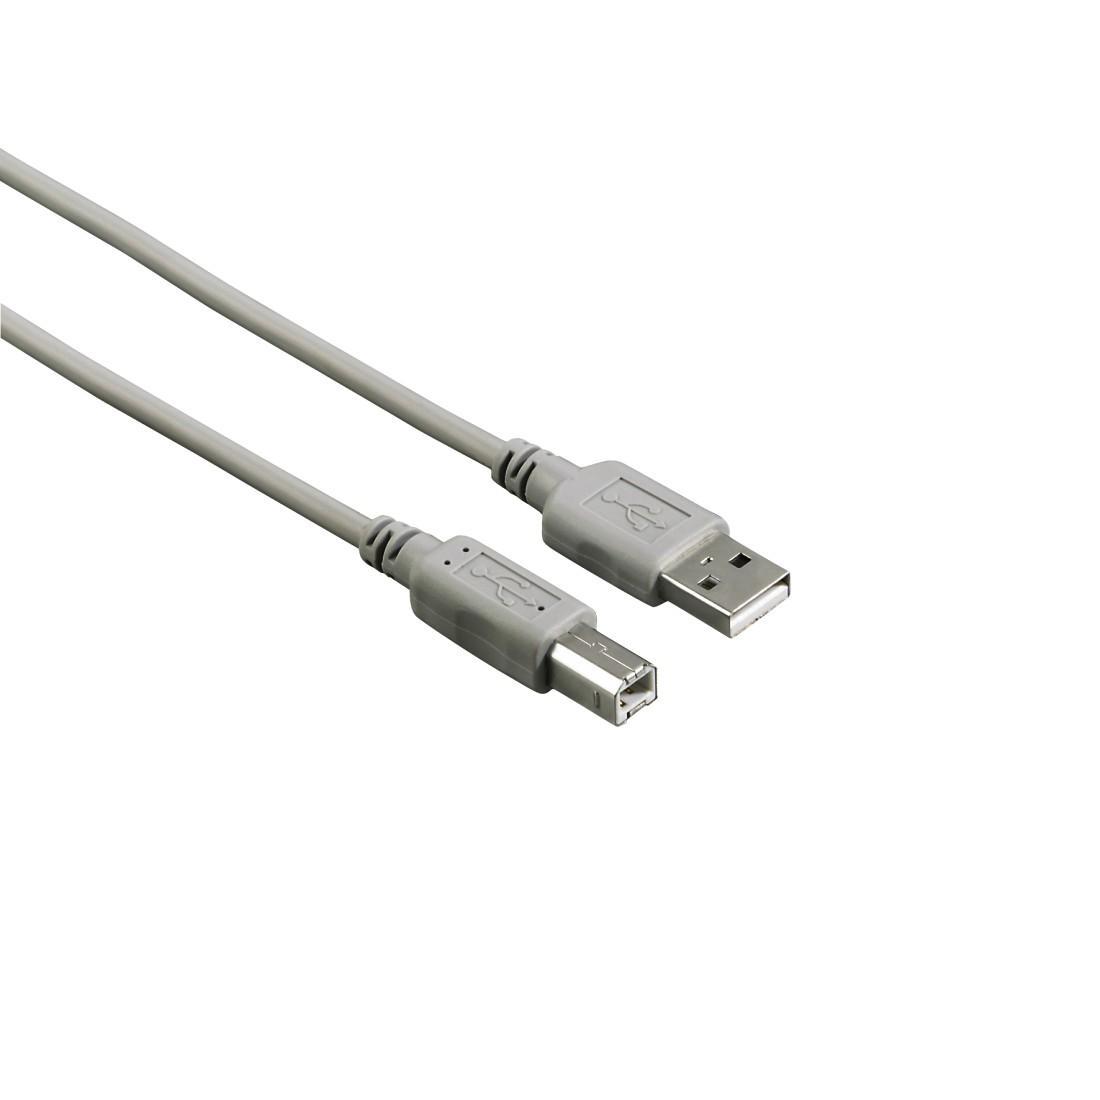 Кабел HAMA 200901 USB-A мъжко - USB-B мъжко, 3 м, булк опаковка